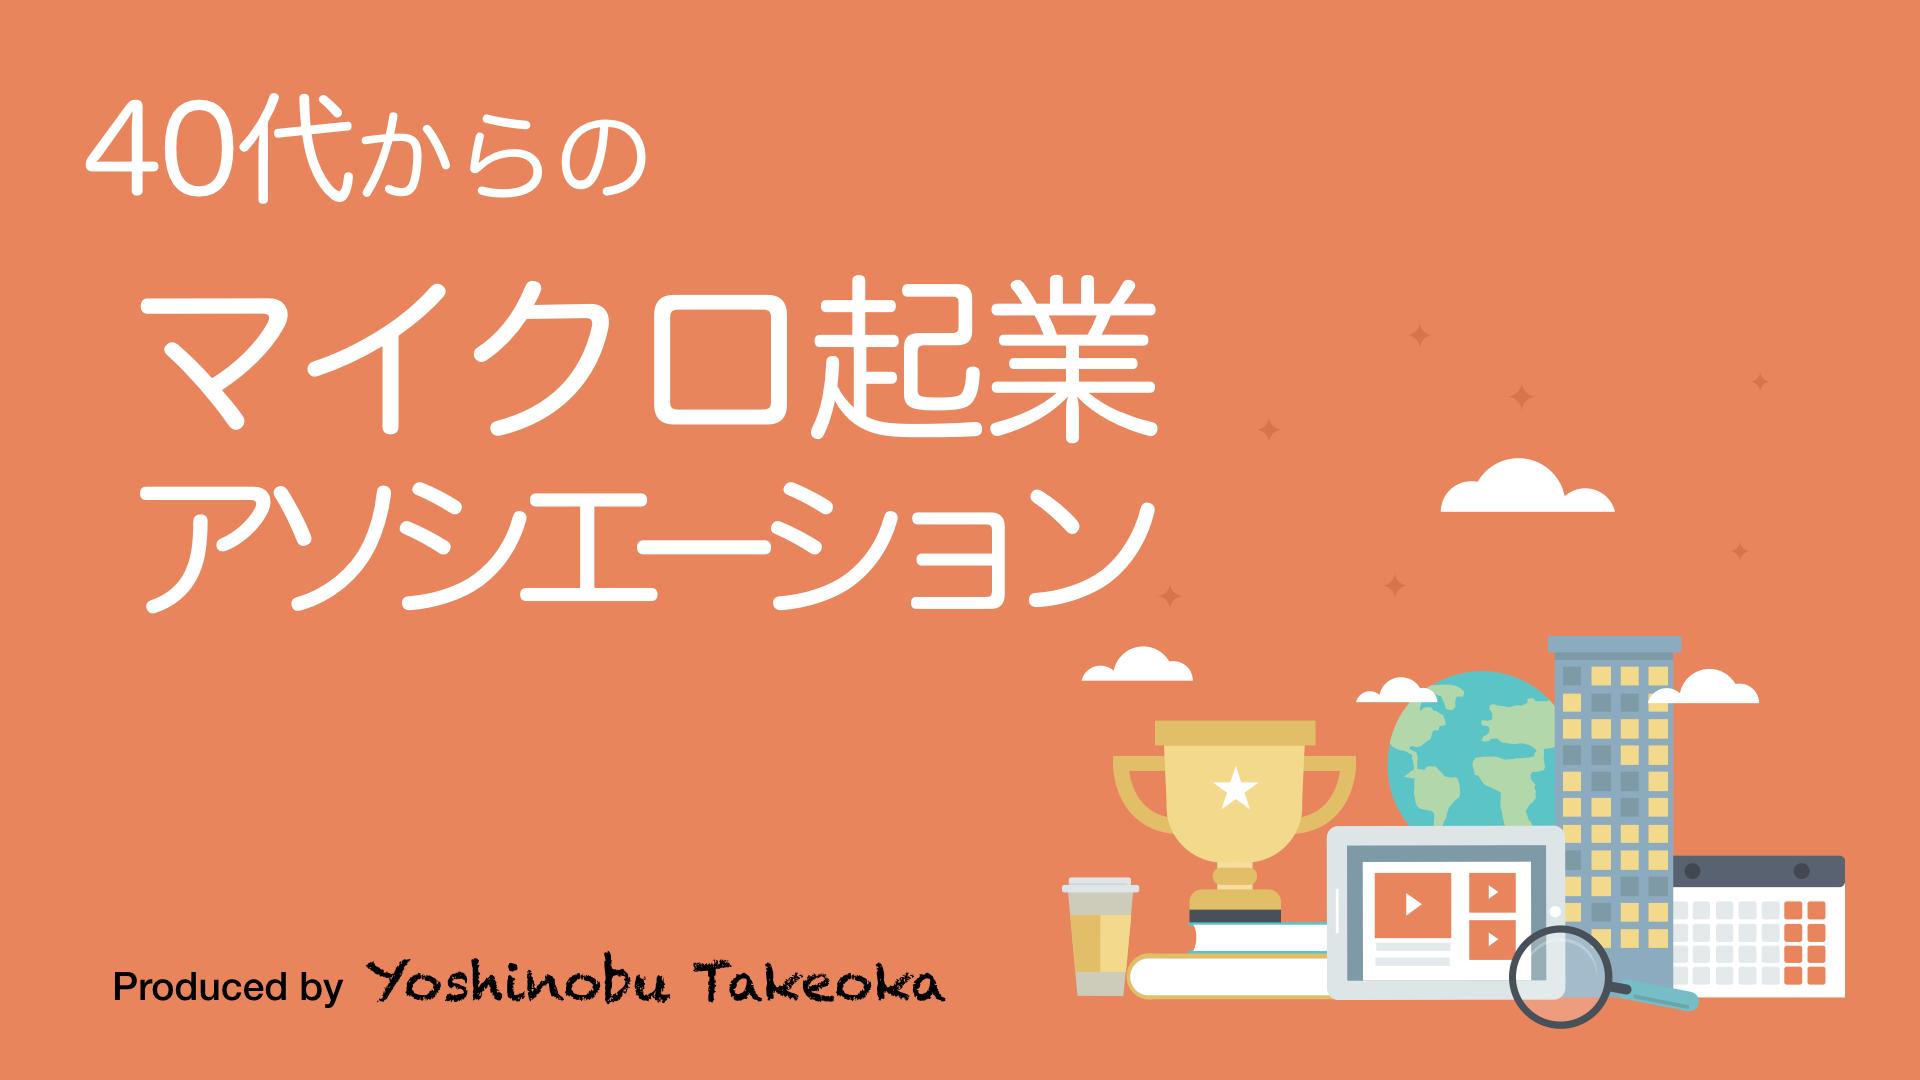 竹岡佳信 - 40代からのマイクロ起業アソシエーション - DMM オンラインサロン